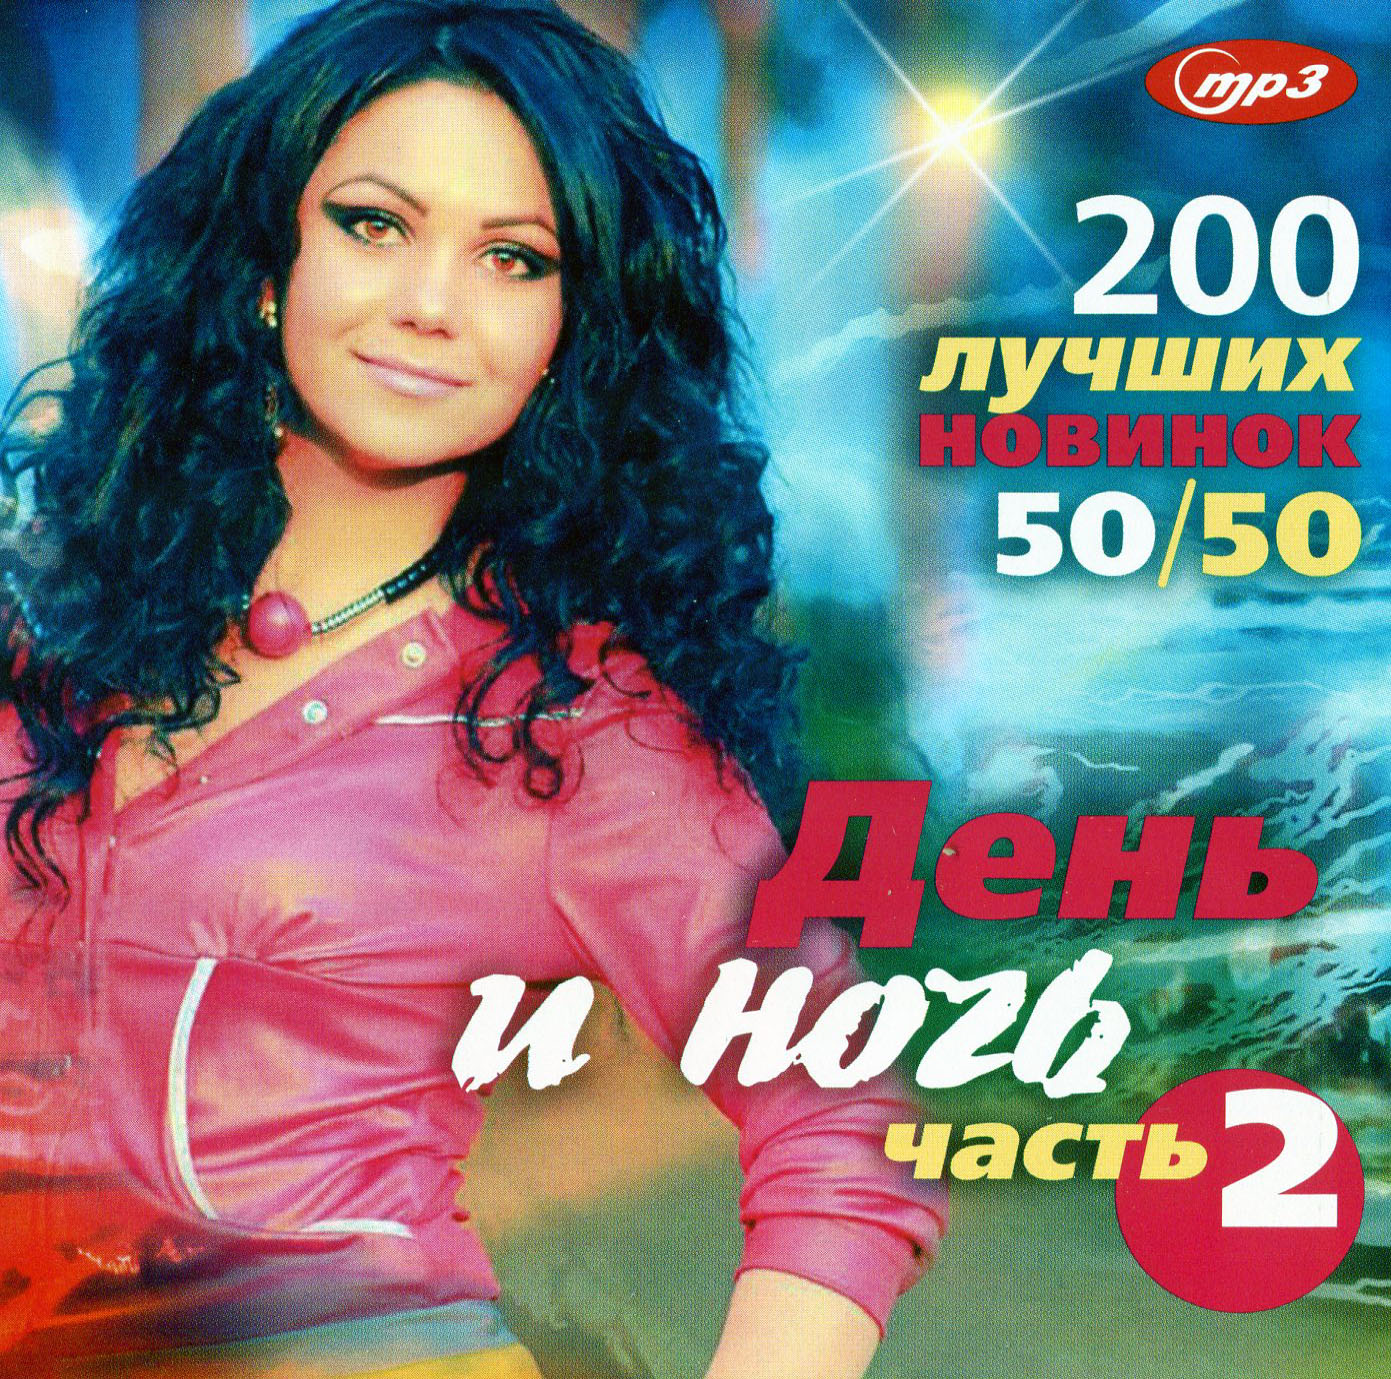 ДЕНЬ И НОЧЬ - 200 лучших новинок 50x50 [mp3]